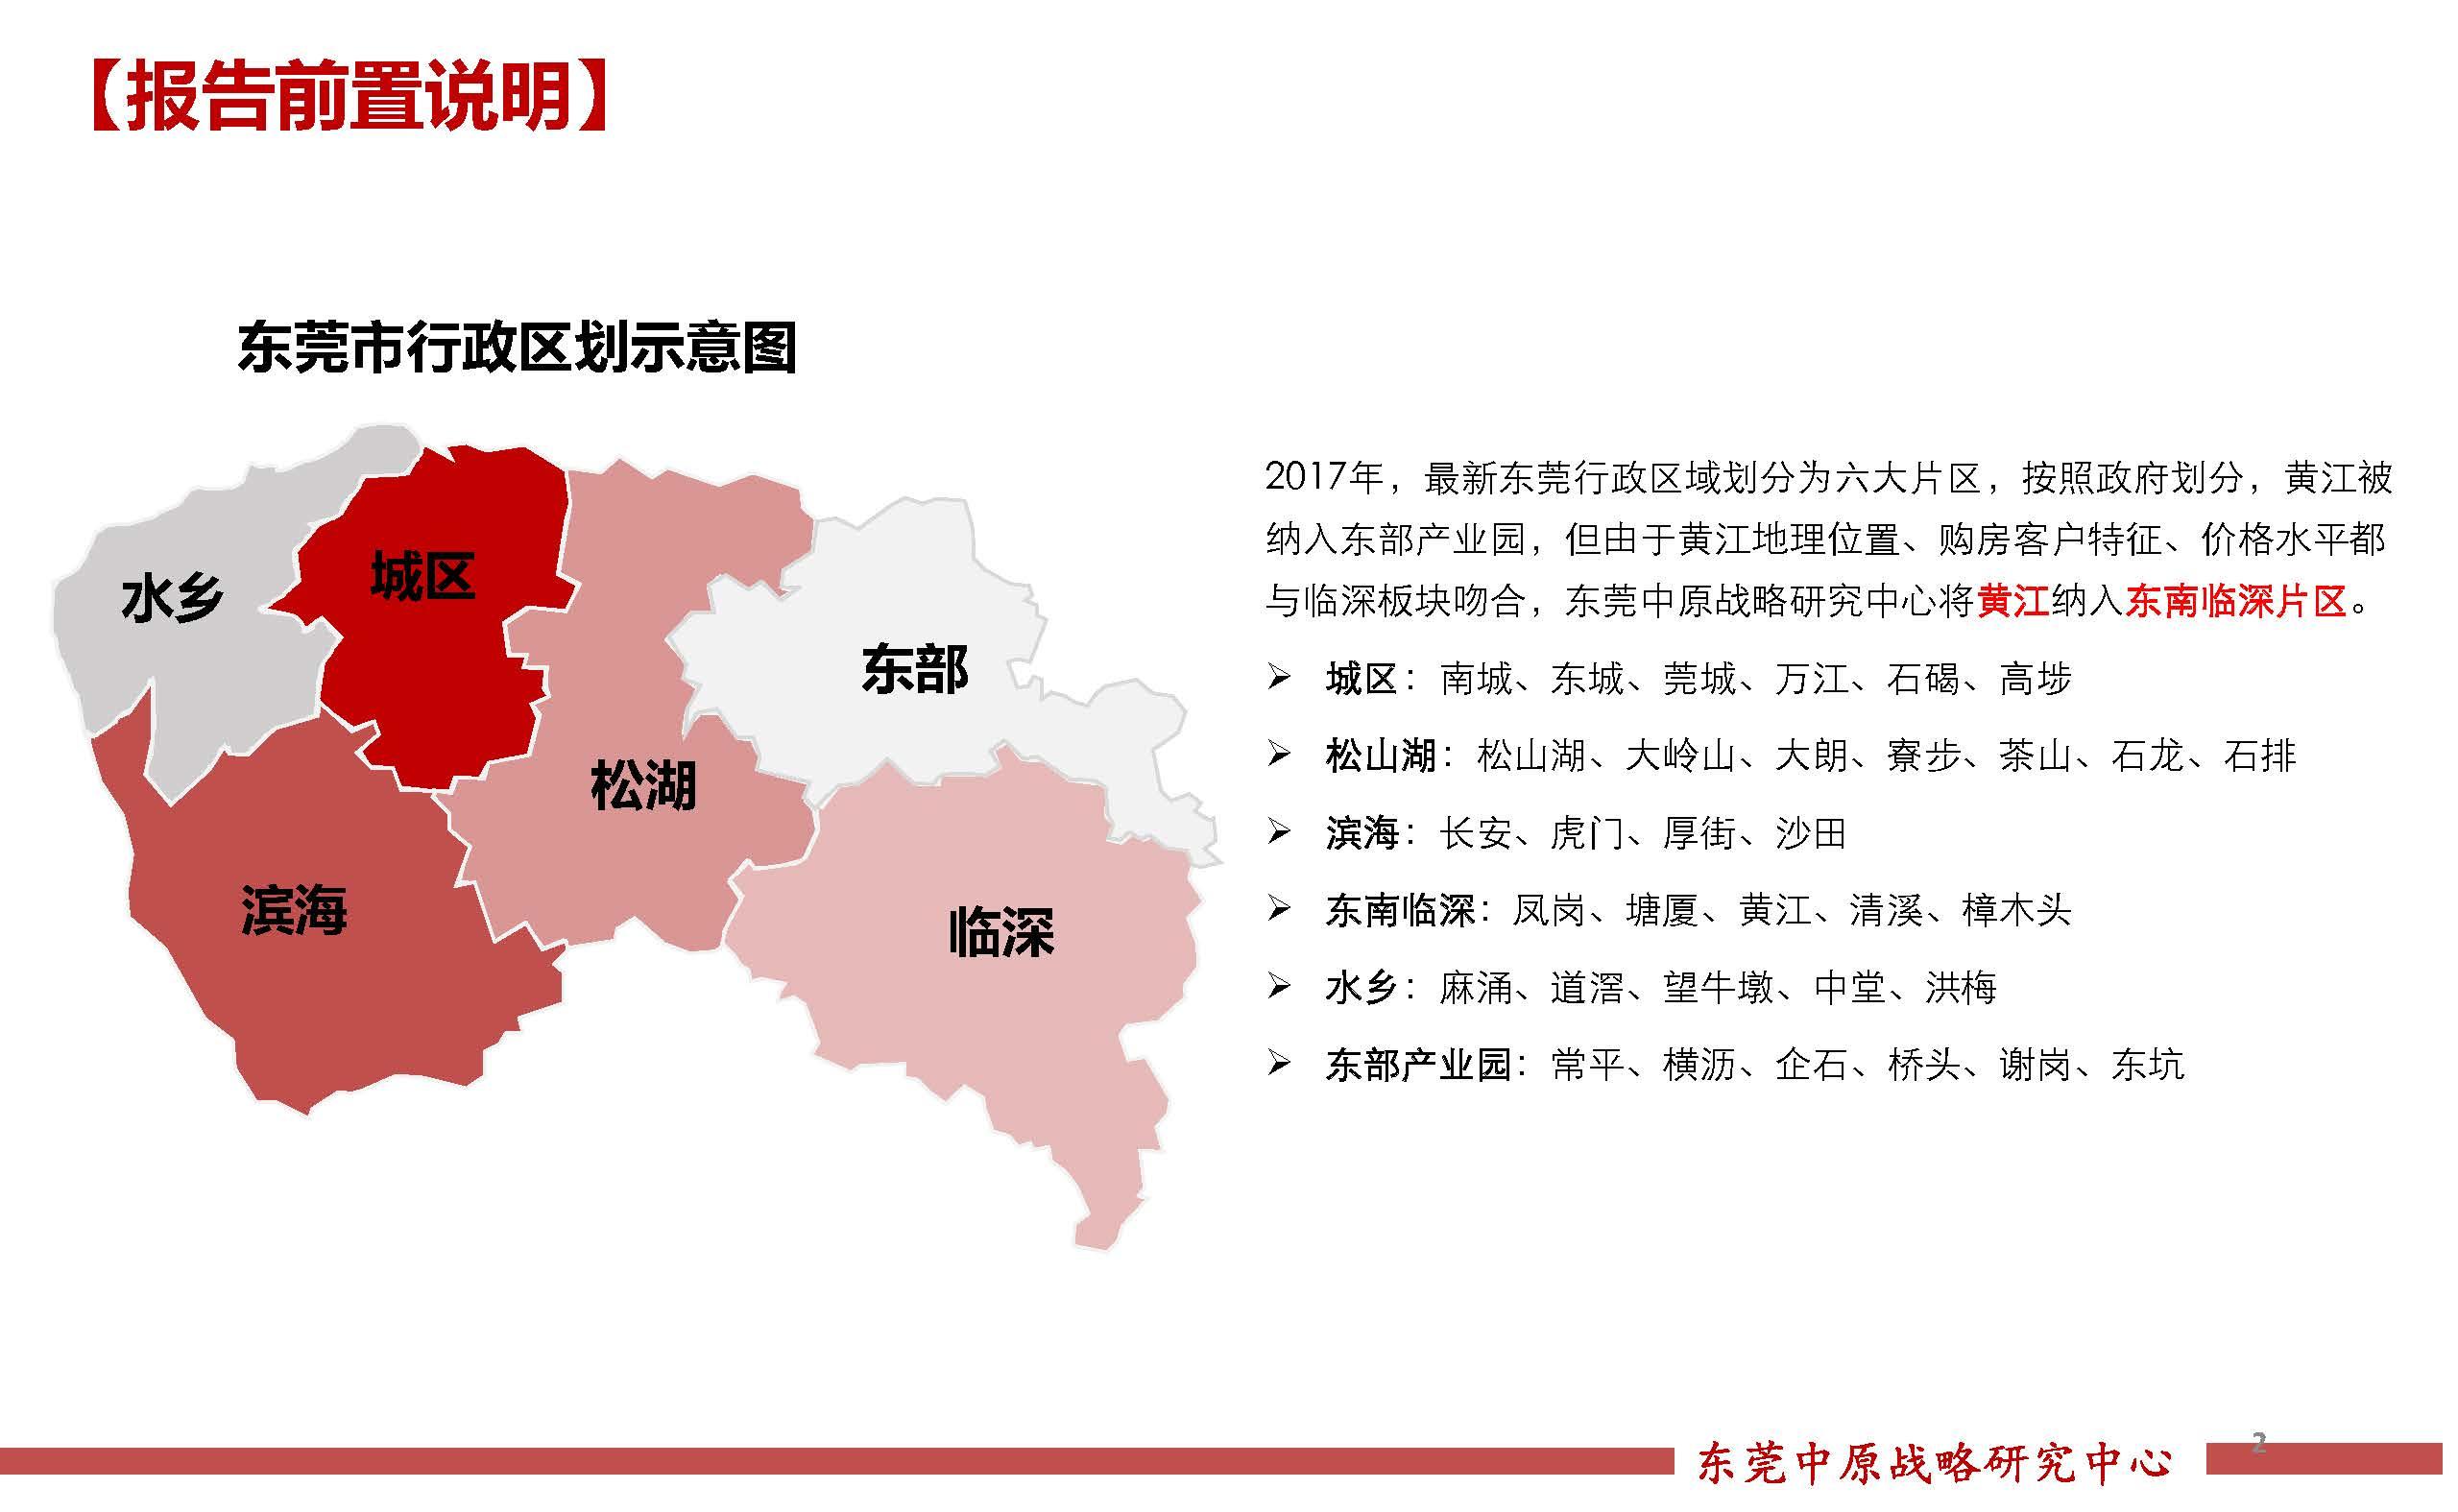 东莞楼市周刊第699期(2019.08.26-2019.09.01)_页面_02.jpg